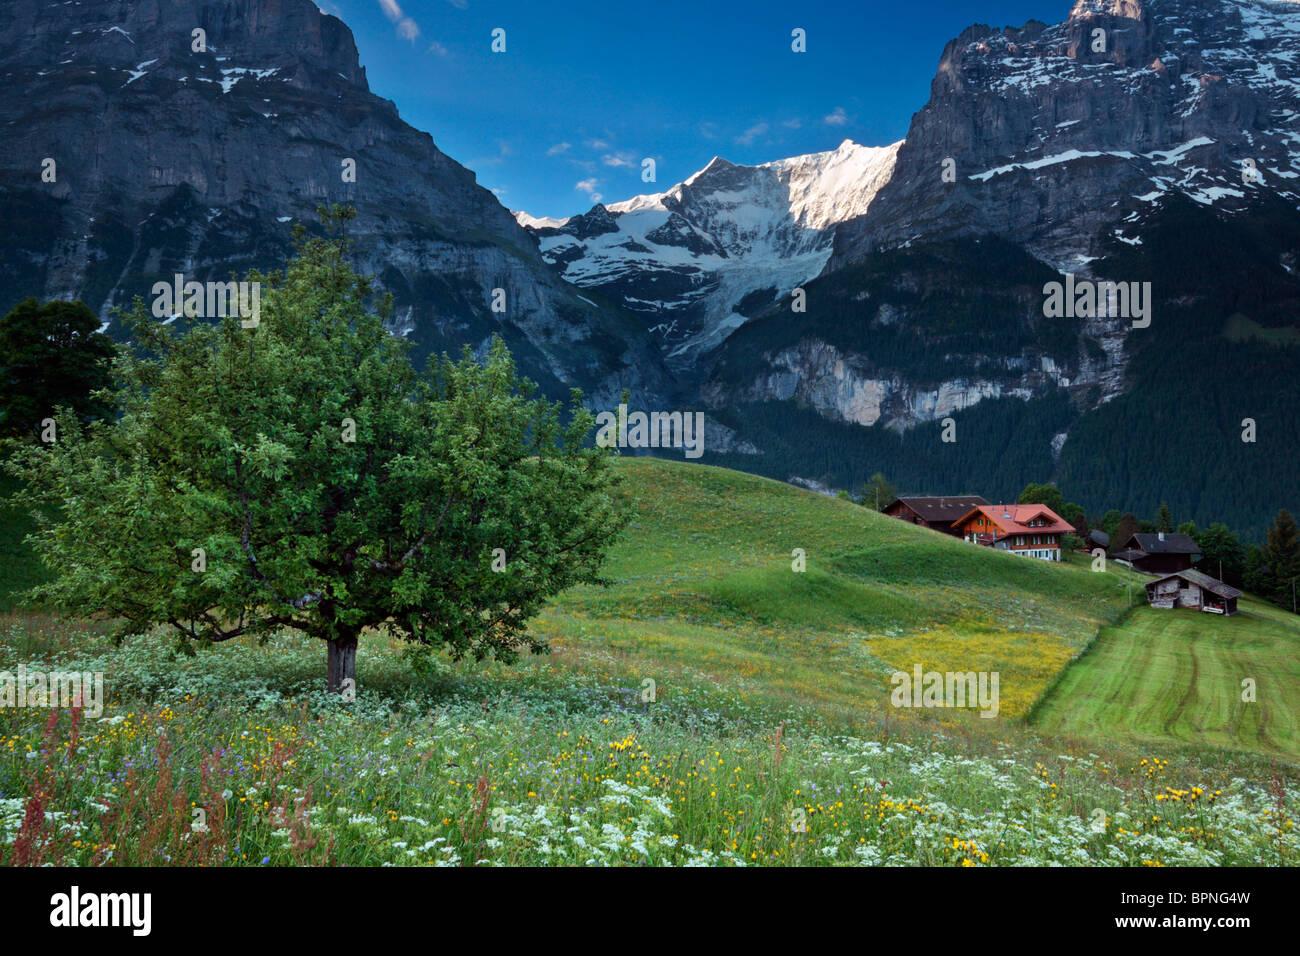 La luce del mattino bacia la sommità della montagna nella valle di Grindelwald in Svizzera Immagini Stock